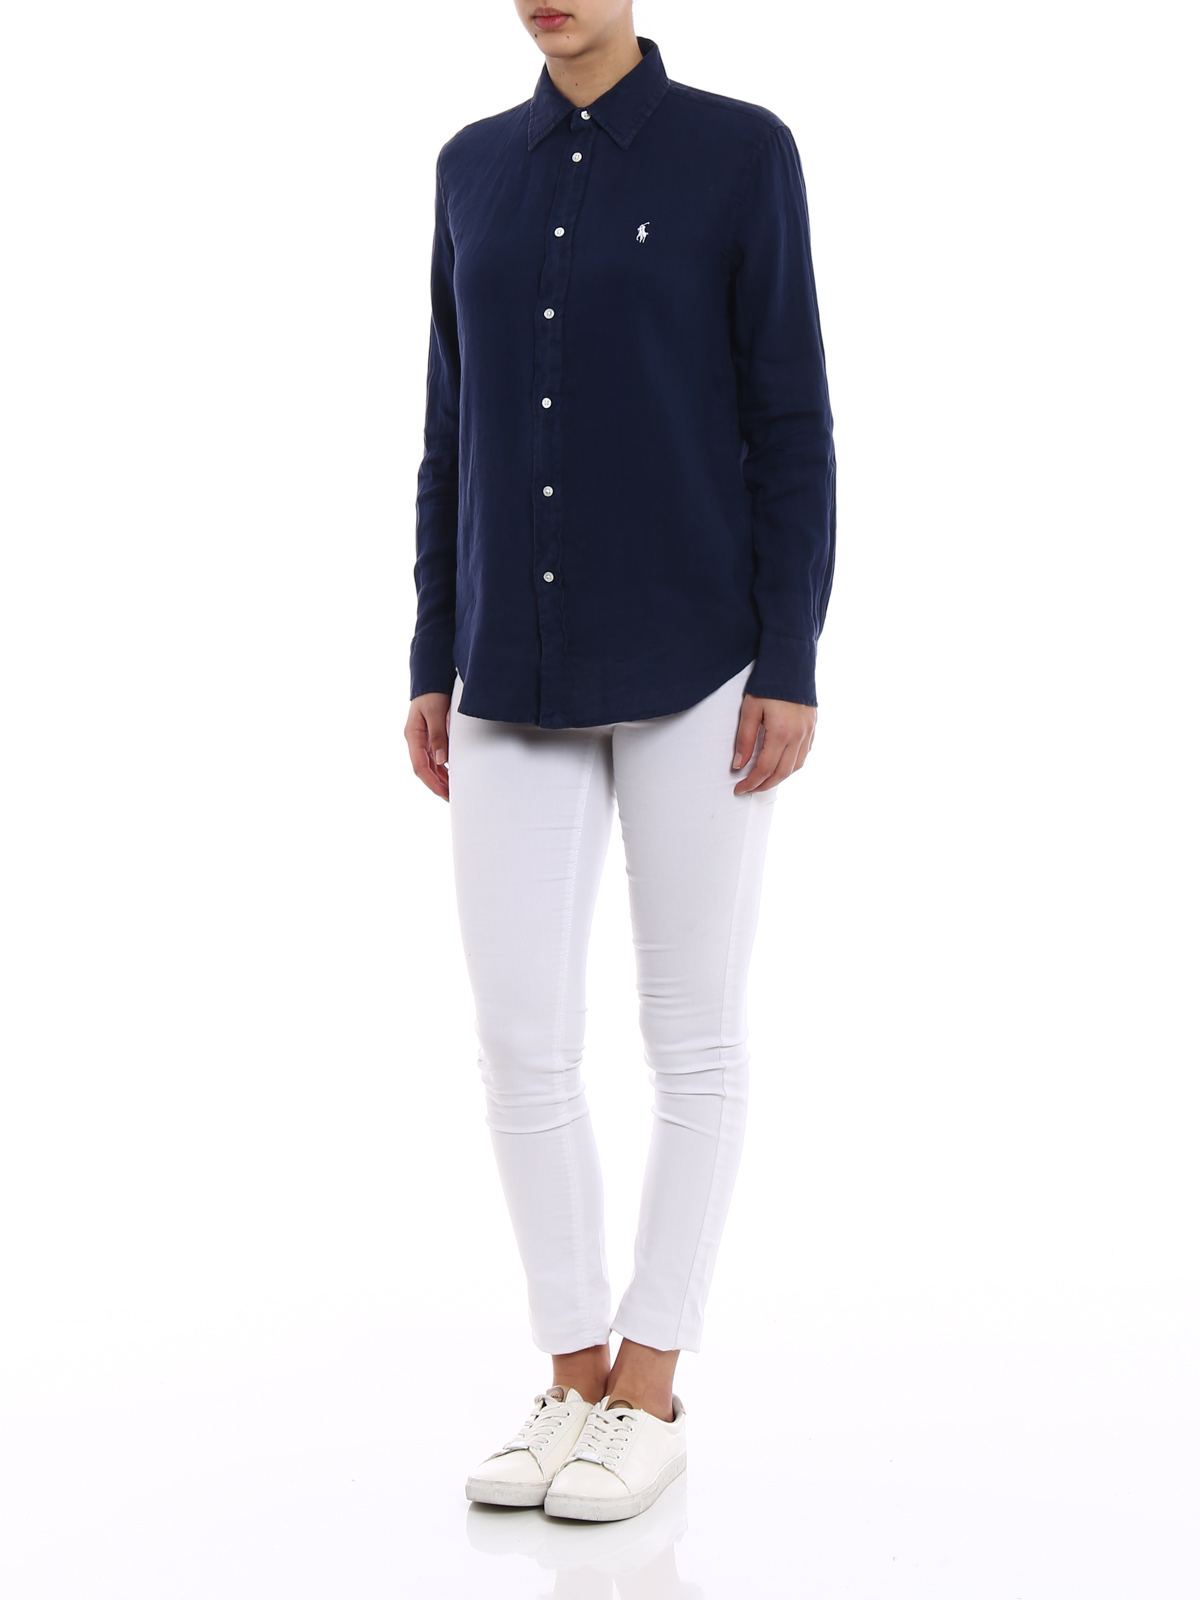 28f7fb4c760a Polo Ralph Lauren - Navy linen shirt - shirts - 211697460003